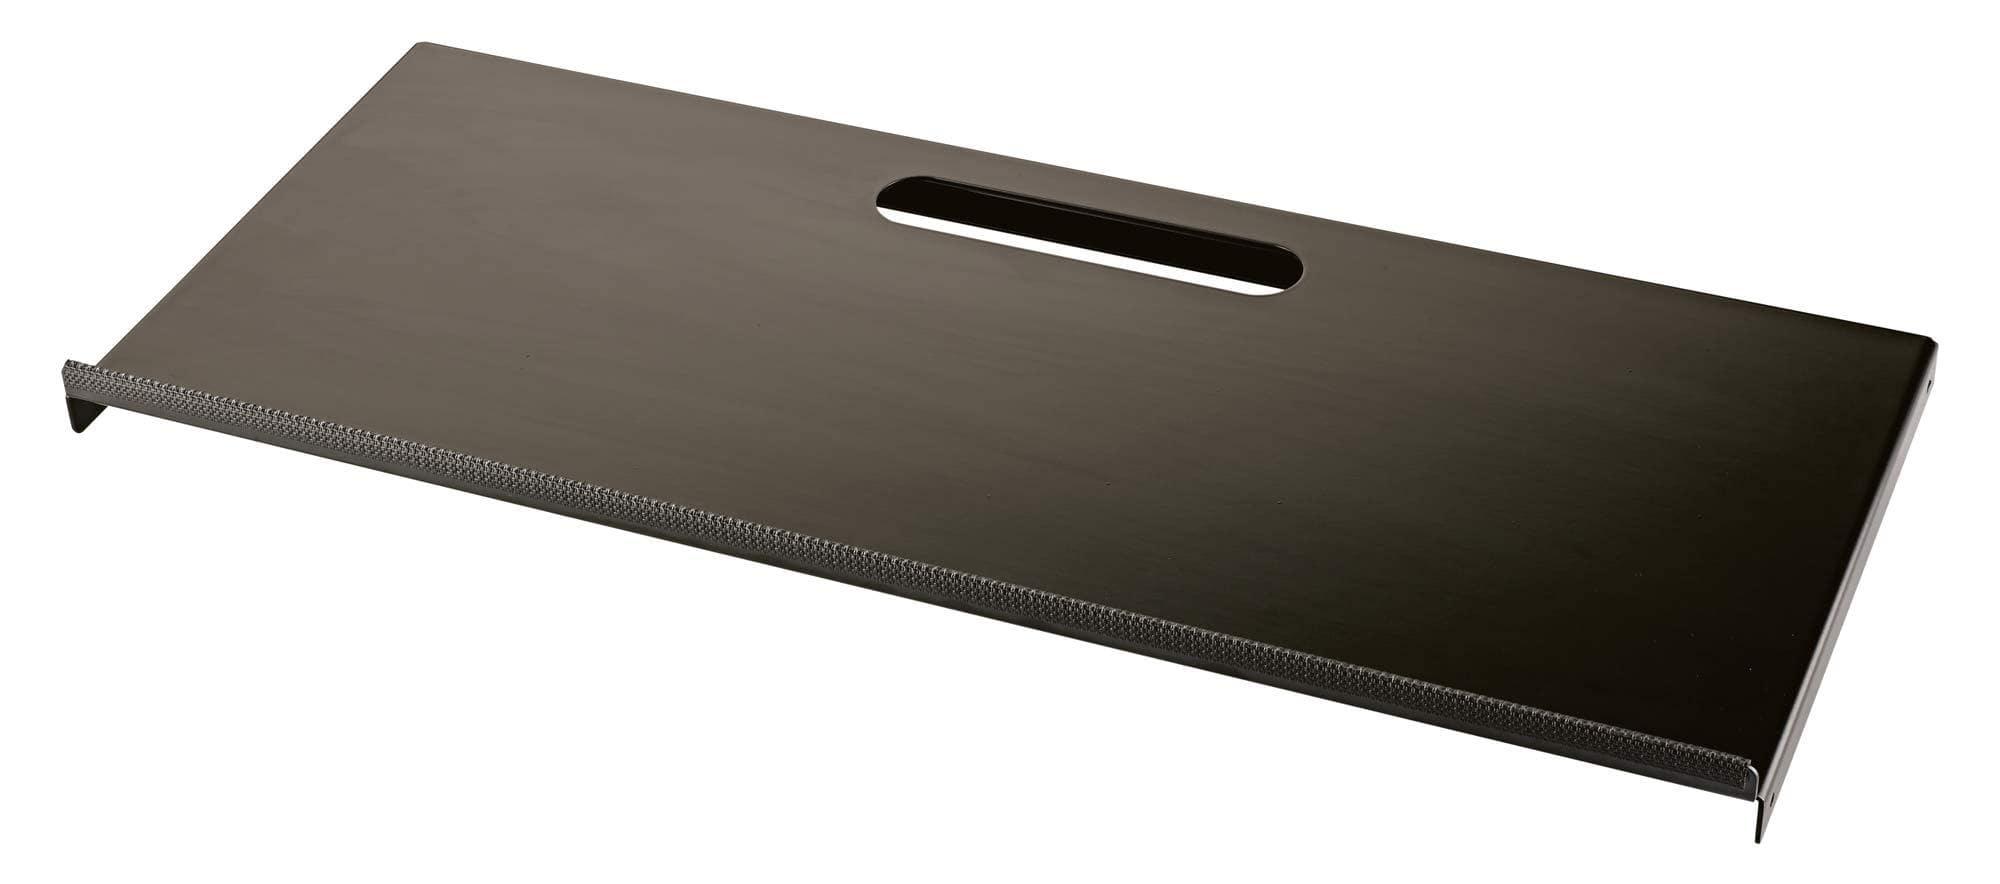 K M 18824 Ablage für Controller Keyboard 3. Ebene